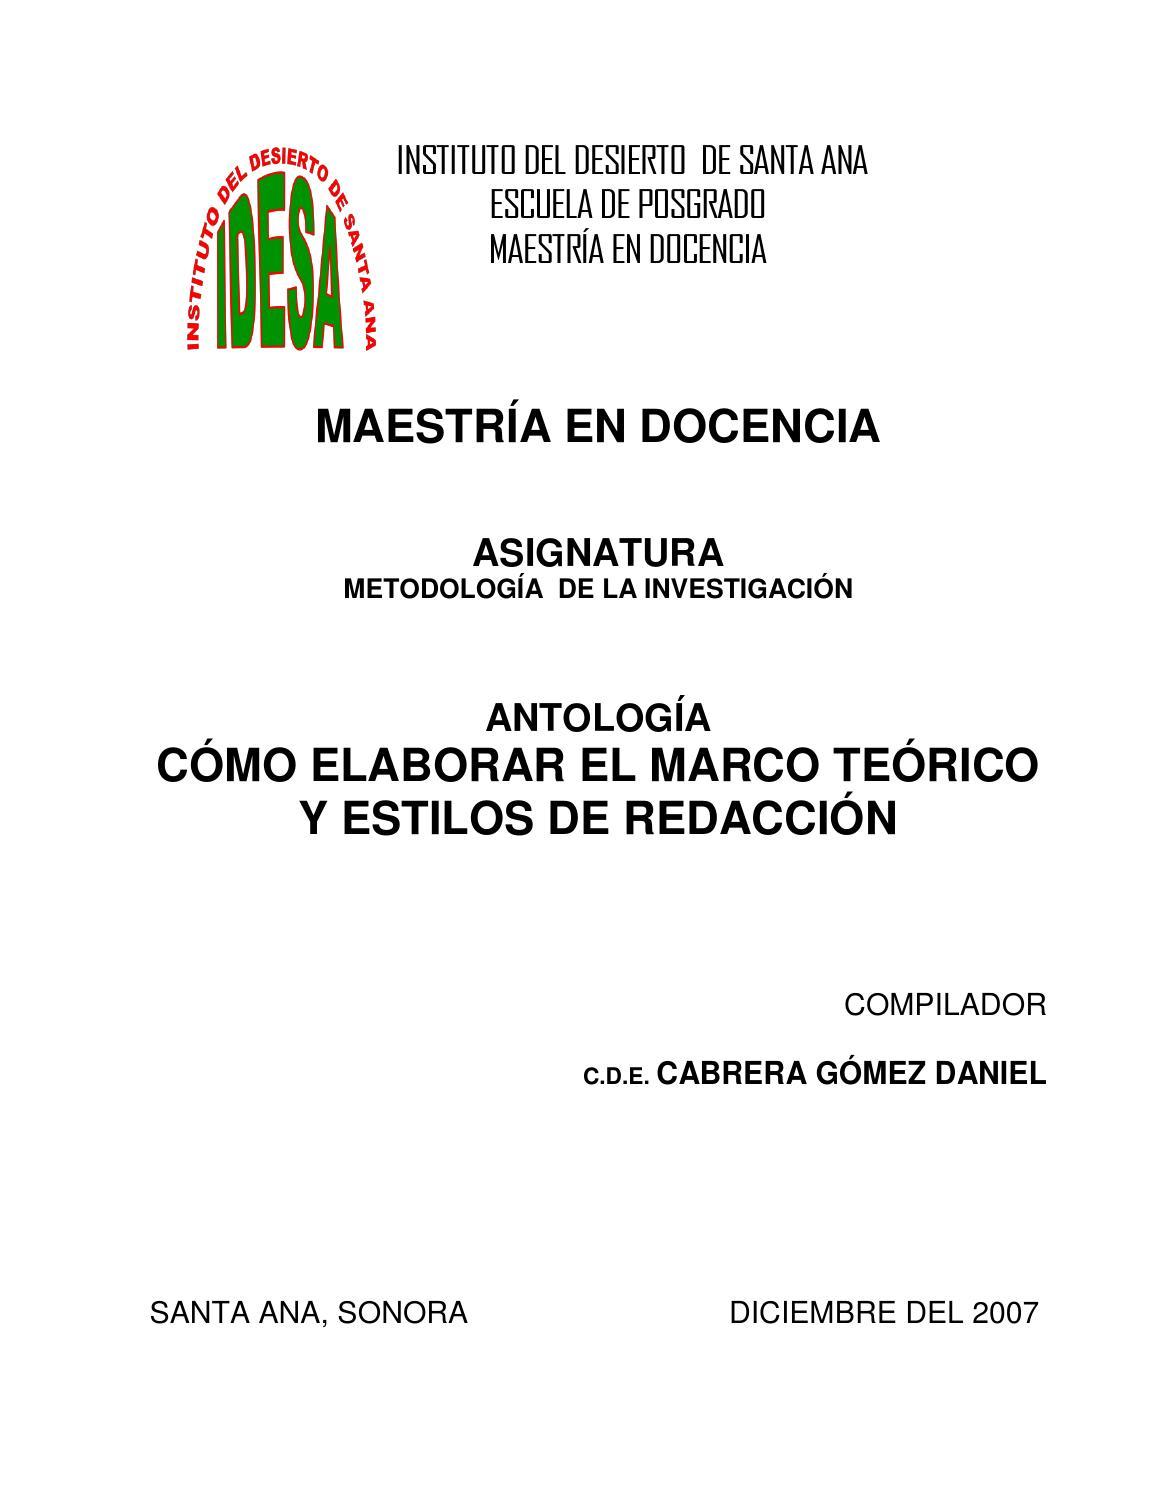 Metodologia de la investigacion i by ProfJuanRuiz-IDESA - issuu